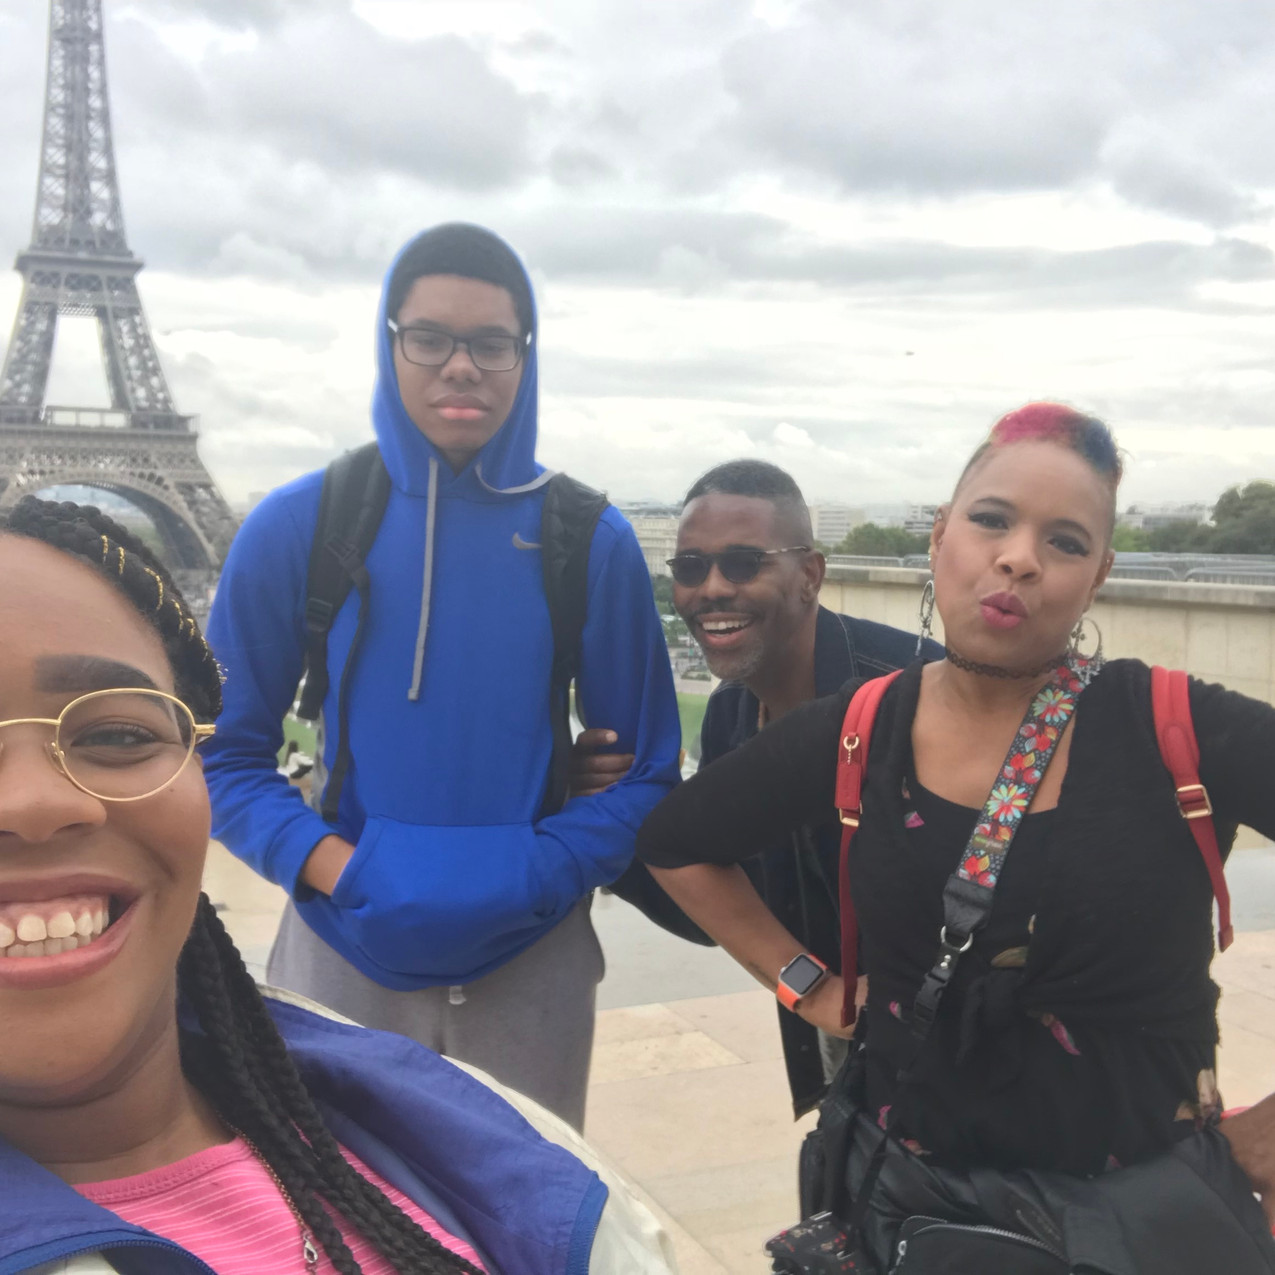 Eiffel Tower Blooming Prejippie